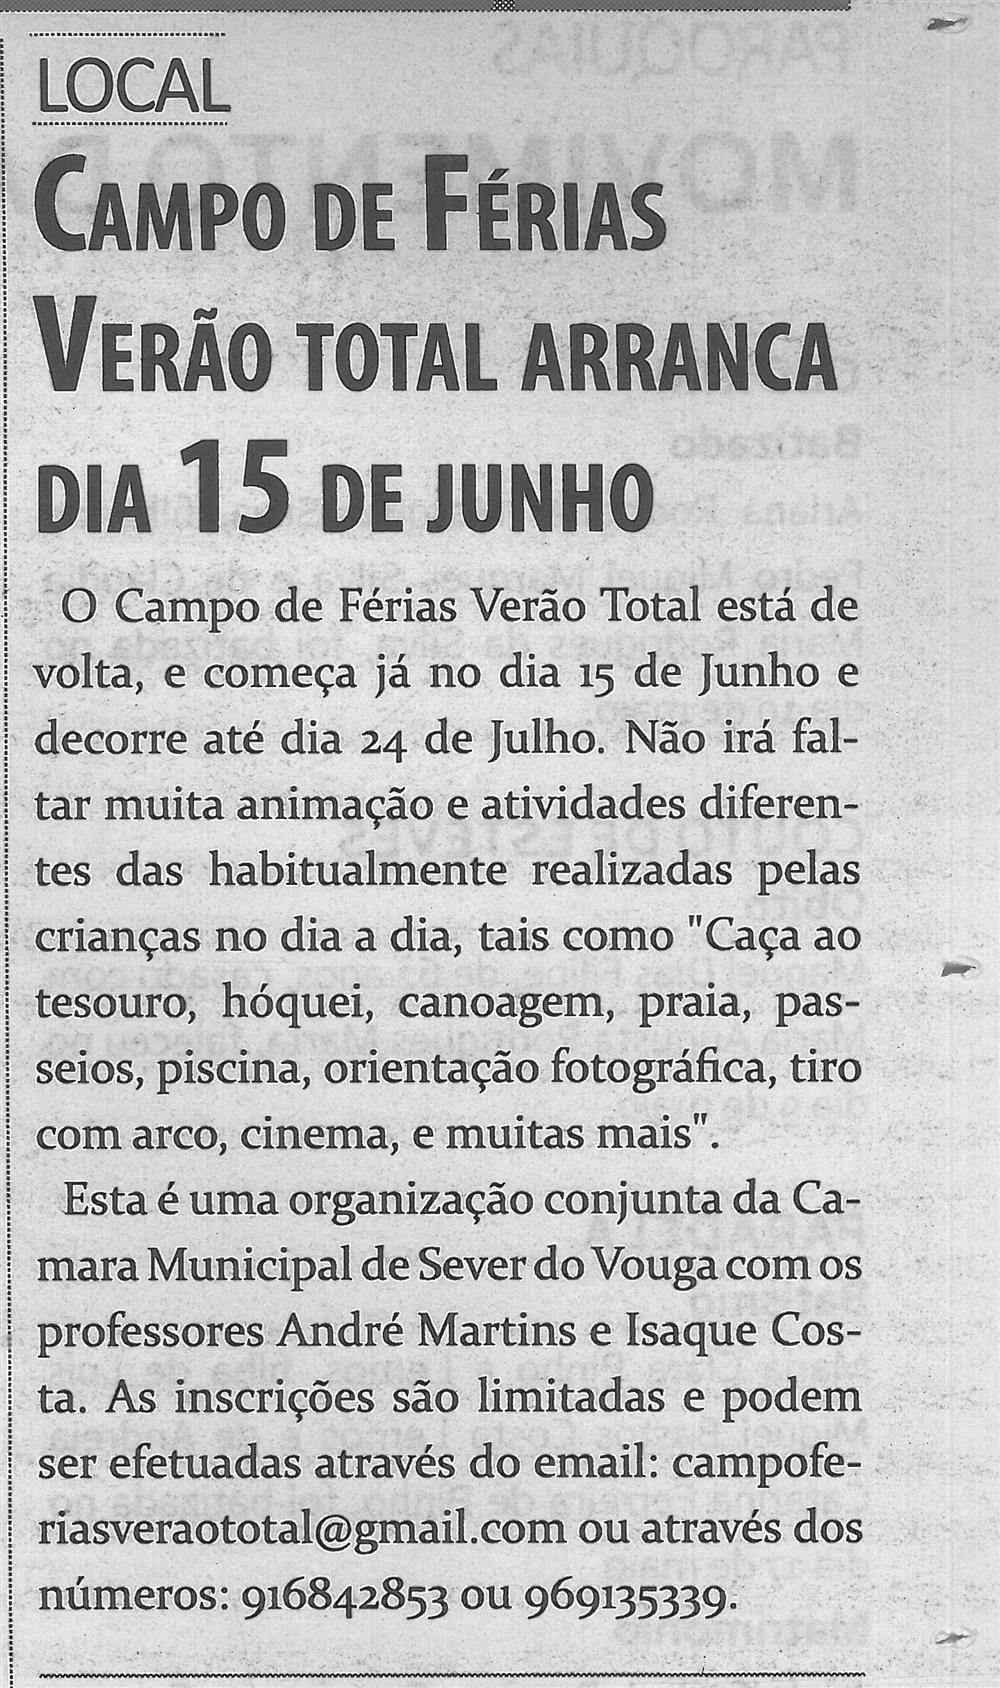 TV-jun'15-p 11 - Campo de Férias Verão Total arranca dia 15 de junho.jpg